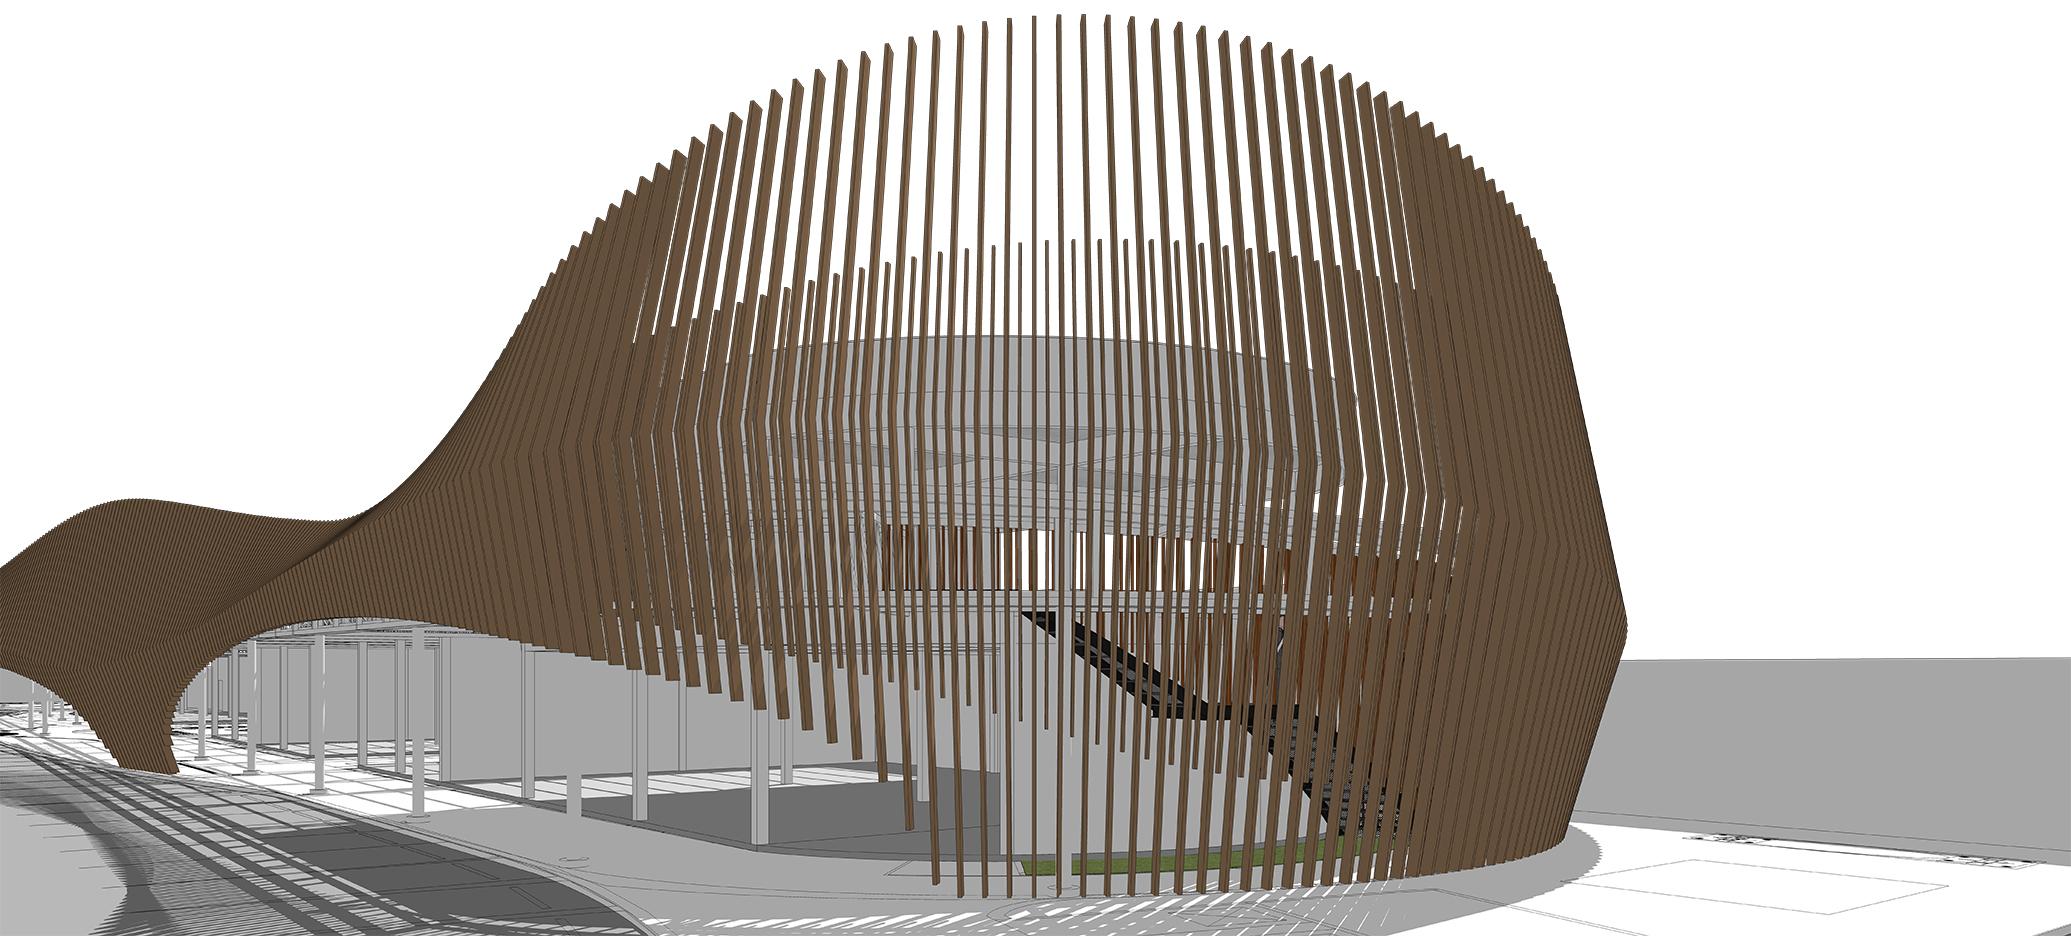 10DESIGN PTT GAS STATION LANDSCAPE ARCHITECTURE FACADE CURVE DESIGN PROJECT 09